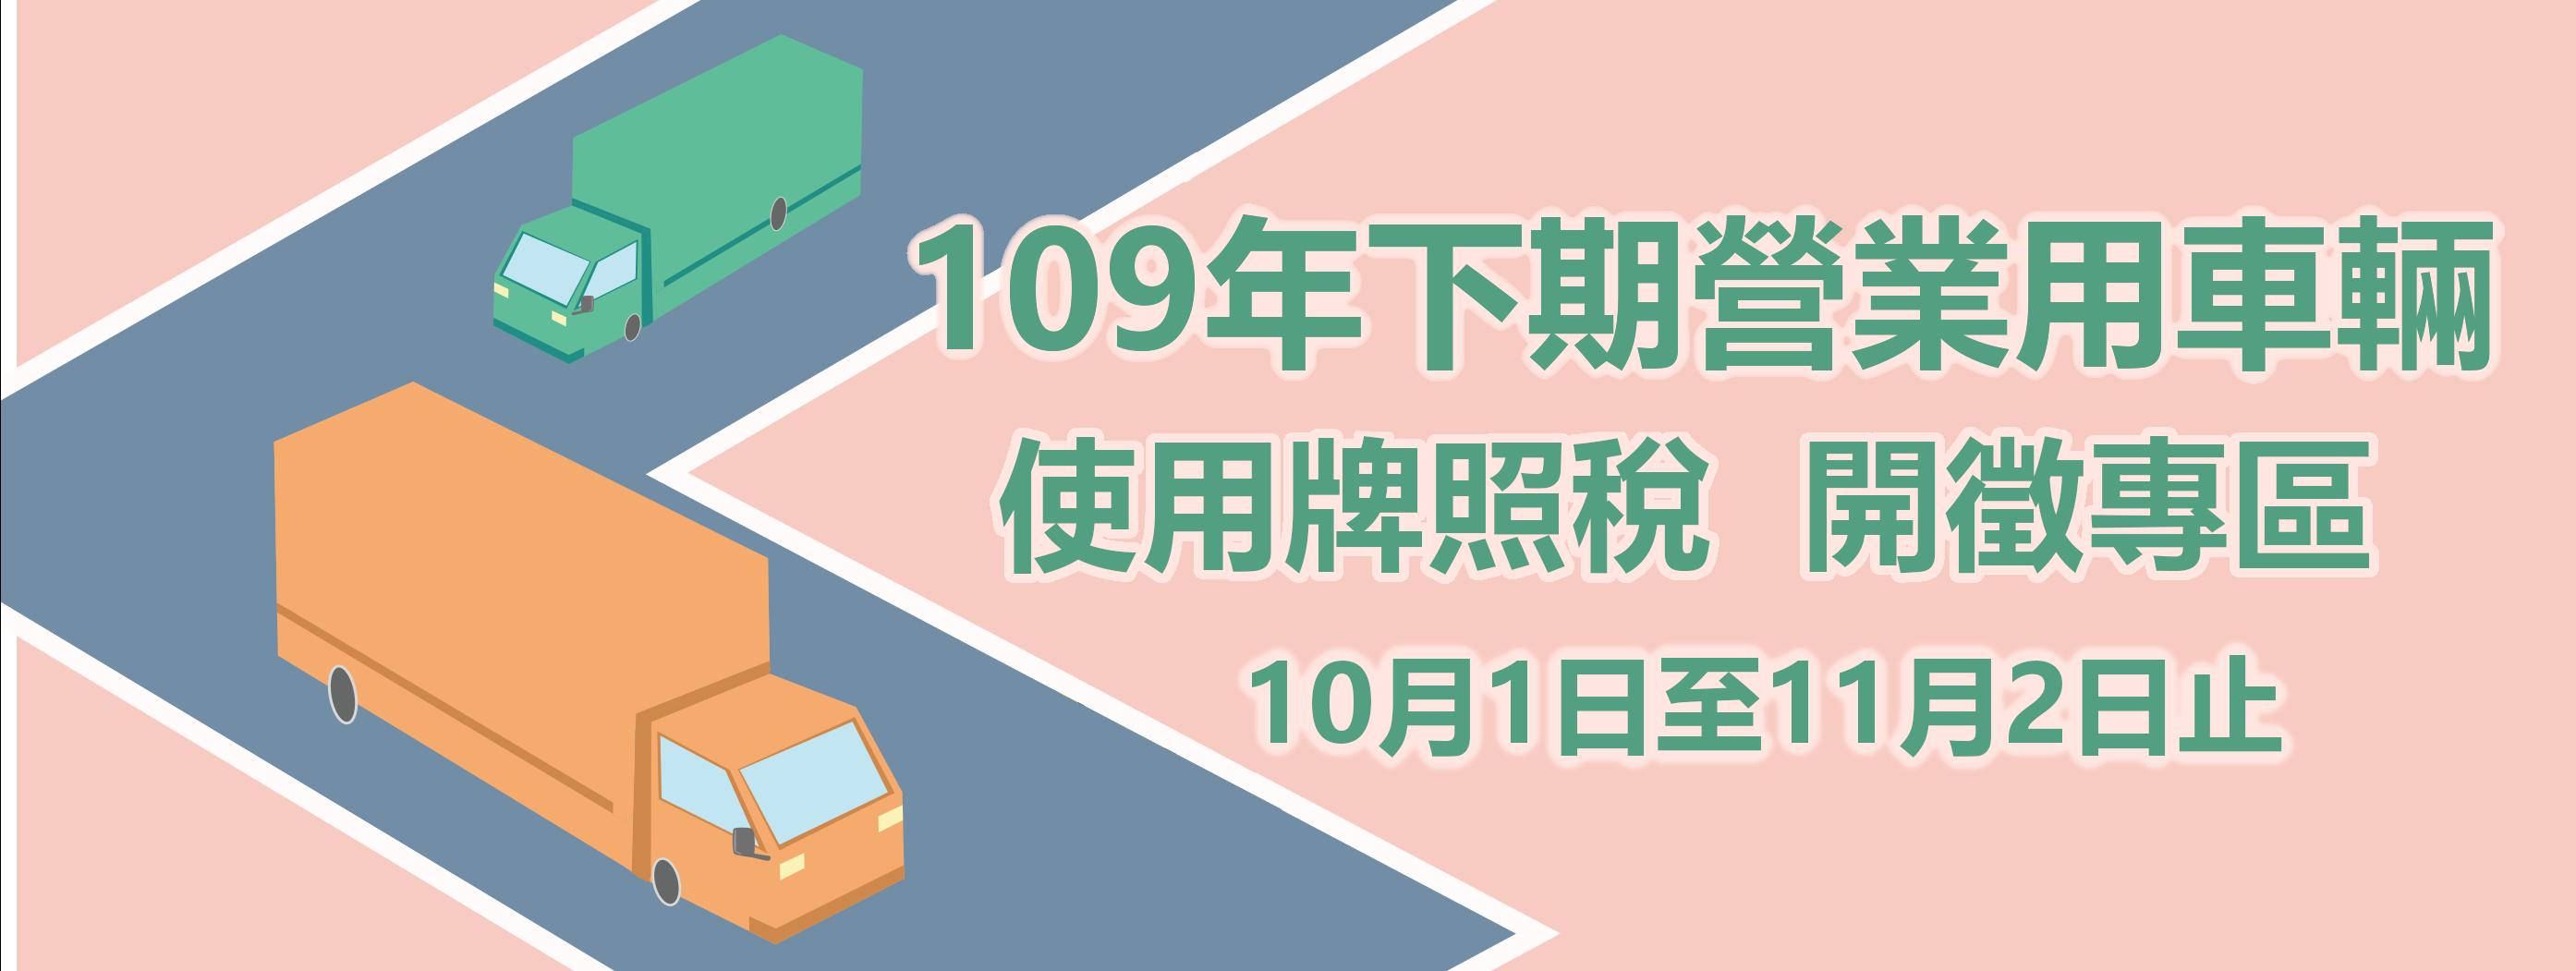 109年下期營業用車輛使用牌照稅開徵專區